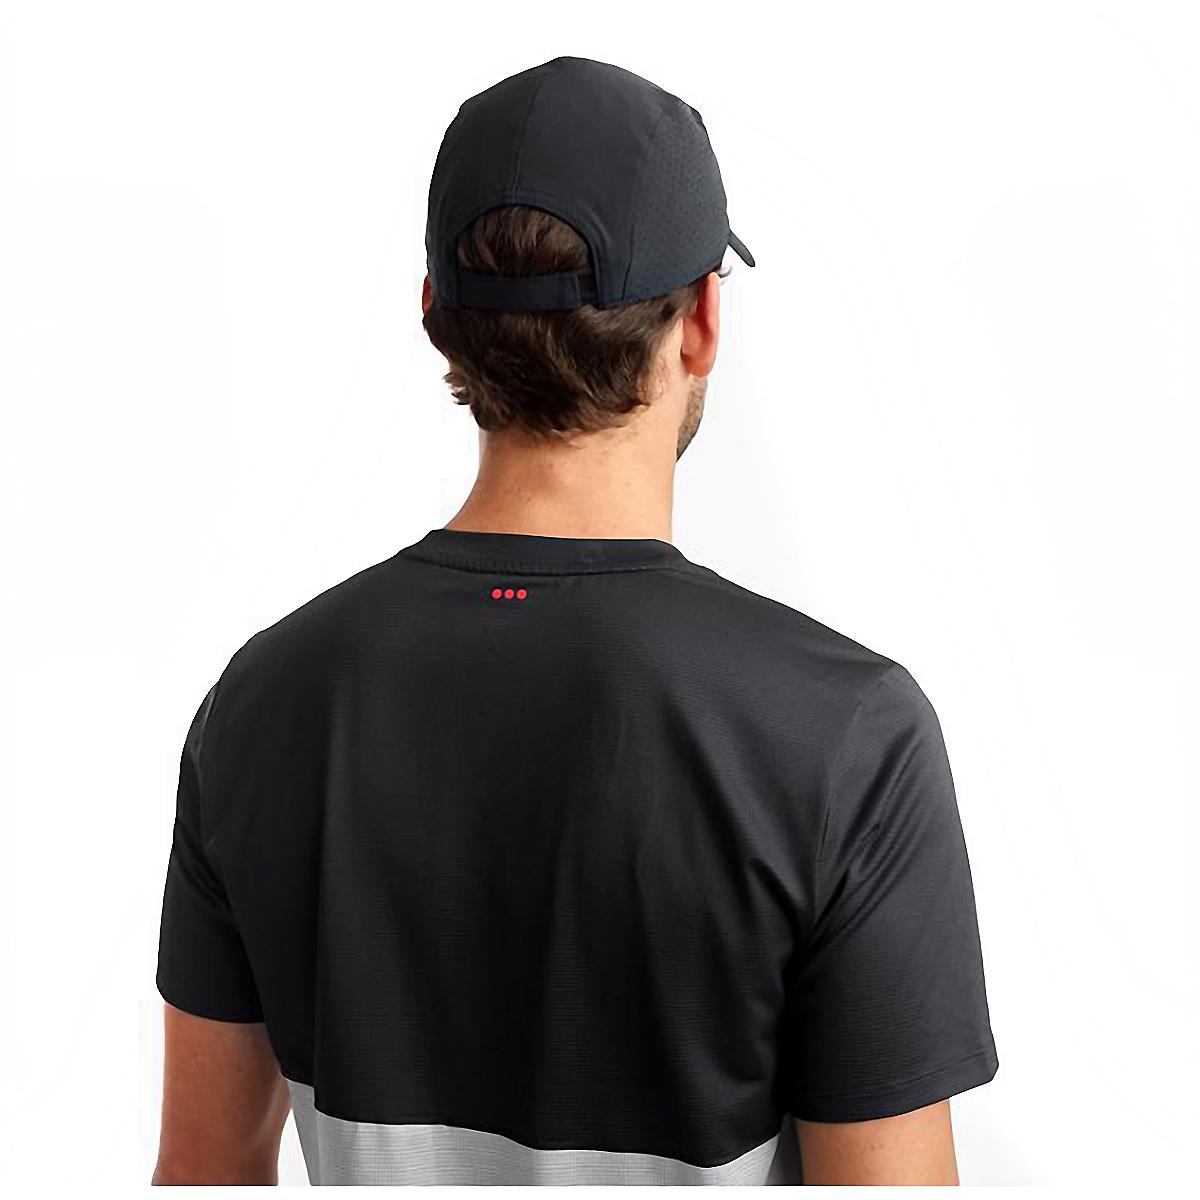 Saucony Outpace Hat - Color: Black, Black, large, image 4